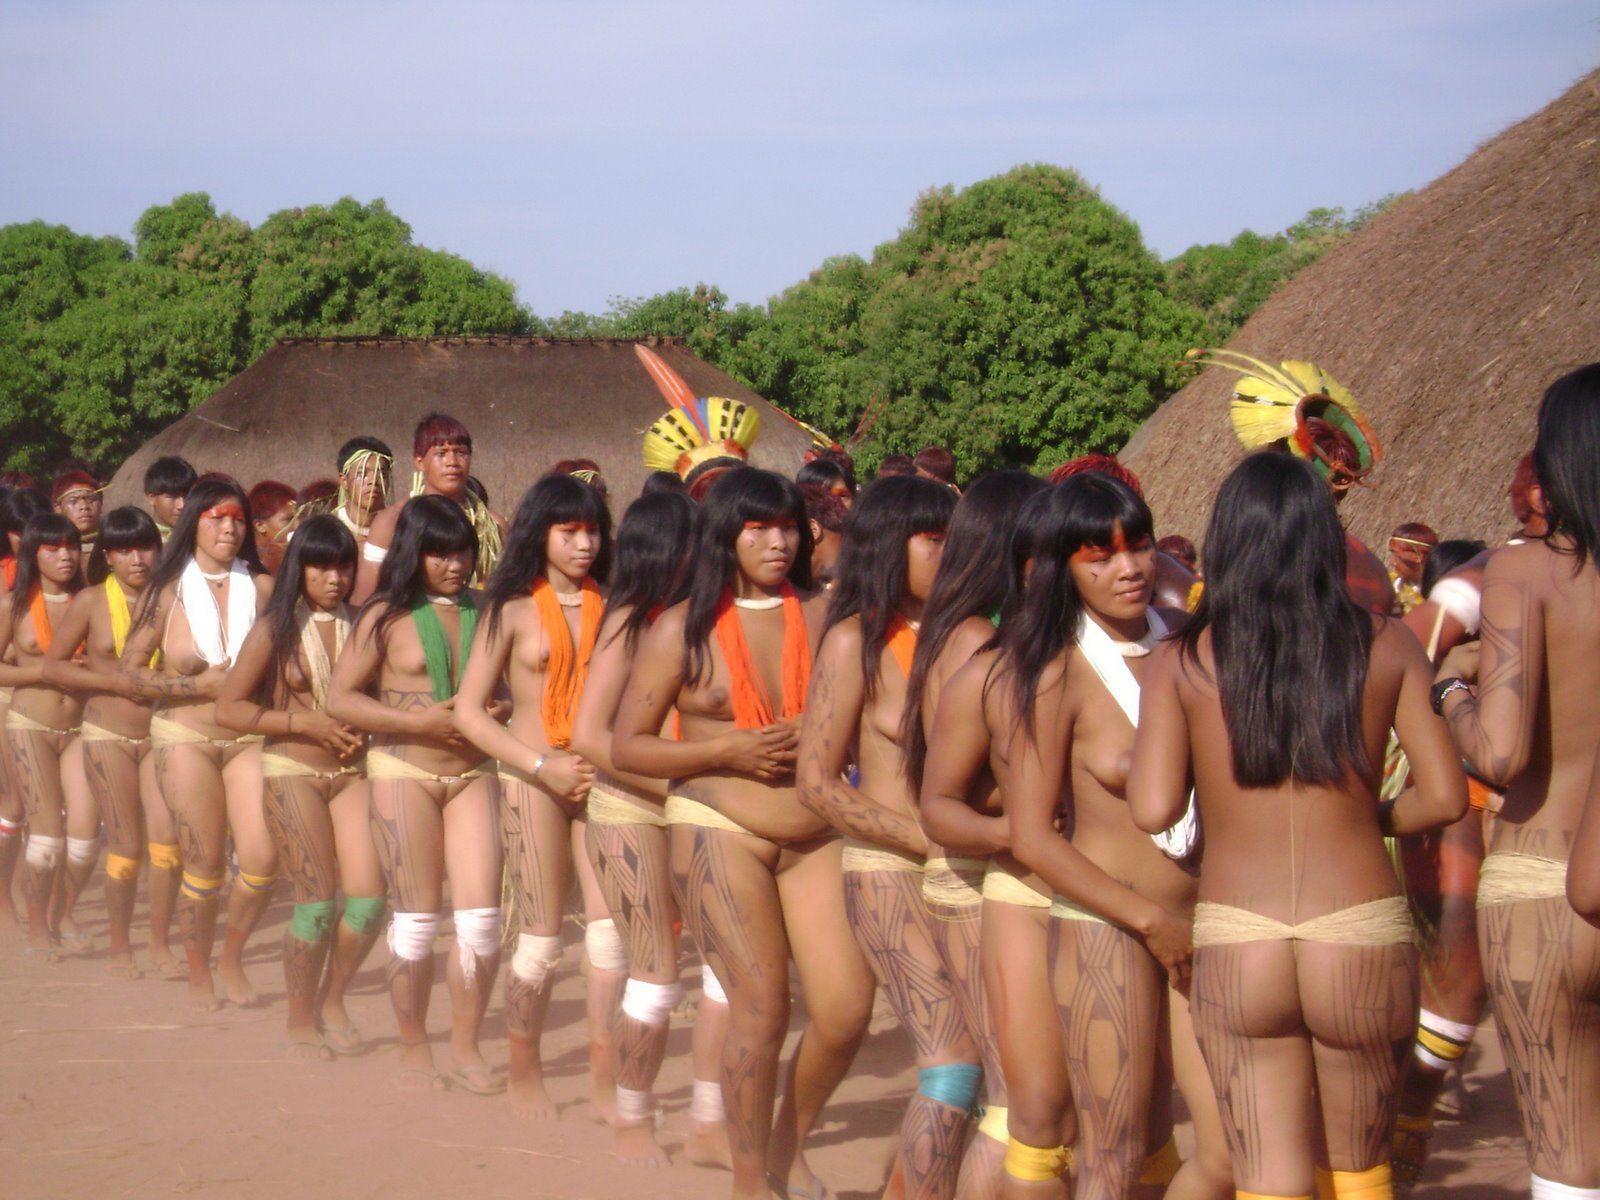 Фото голая эфиопка, Эфиопские голые девушки (17 фото) Бонусные картинки 23 фотография